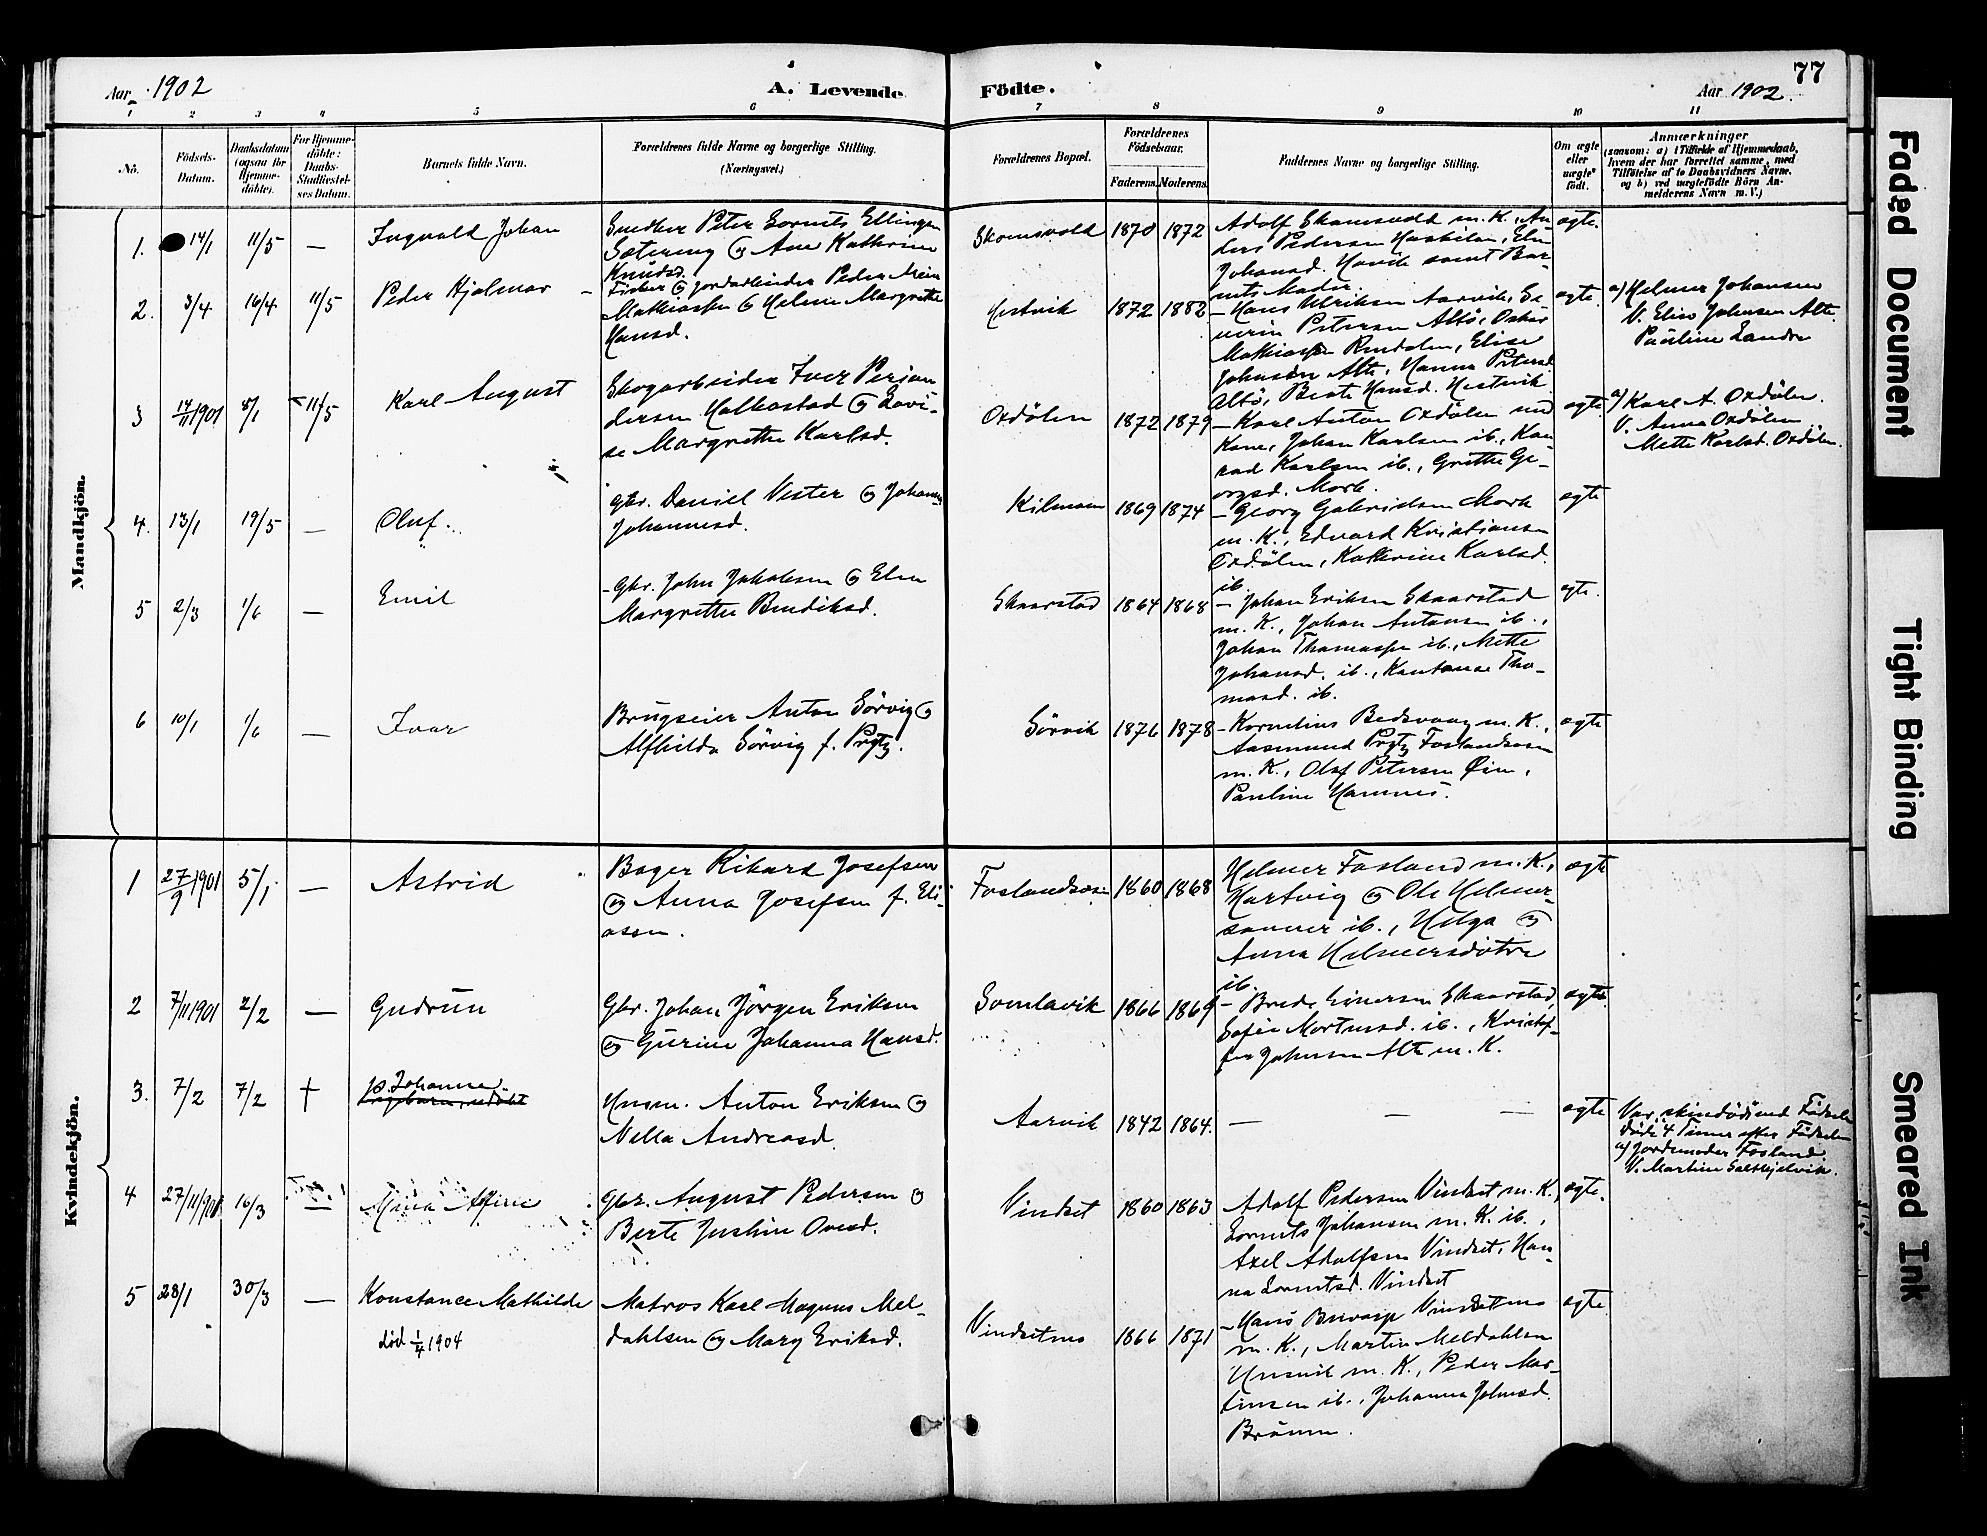 SAT, Ministerialprotokoller, klokkerbøker og fødselsregistre - Nord-Trøndelag, 774/L0628: Ministerialbok nr. 774A02, 1887-1903, s. 77